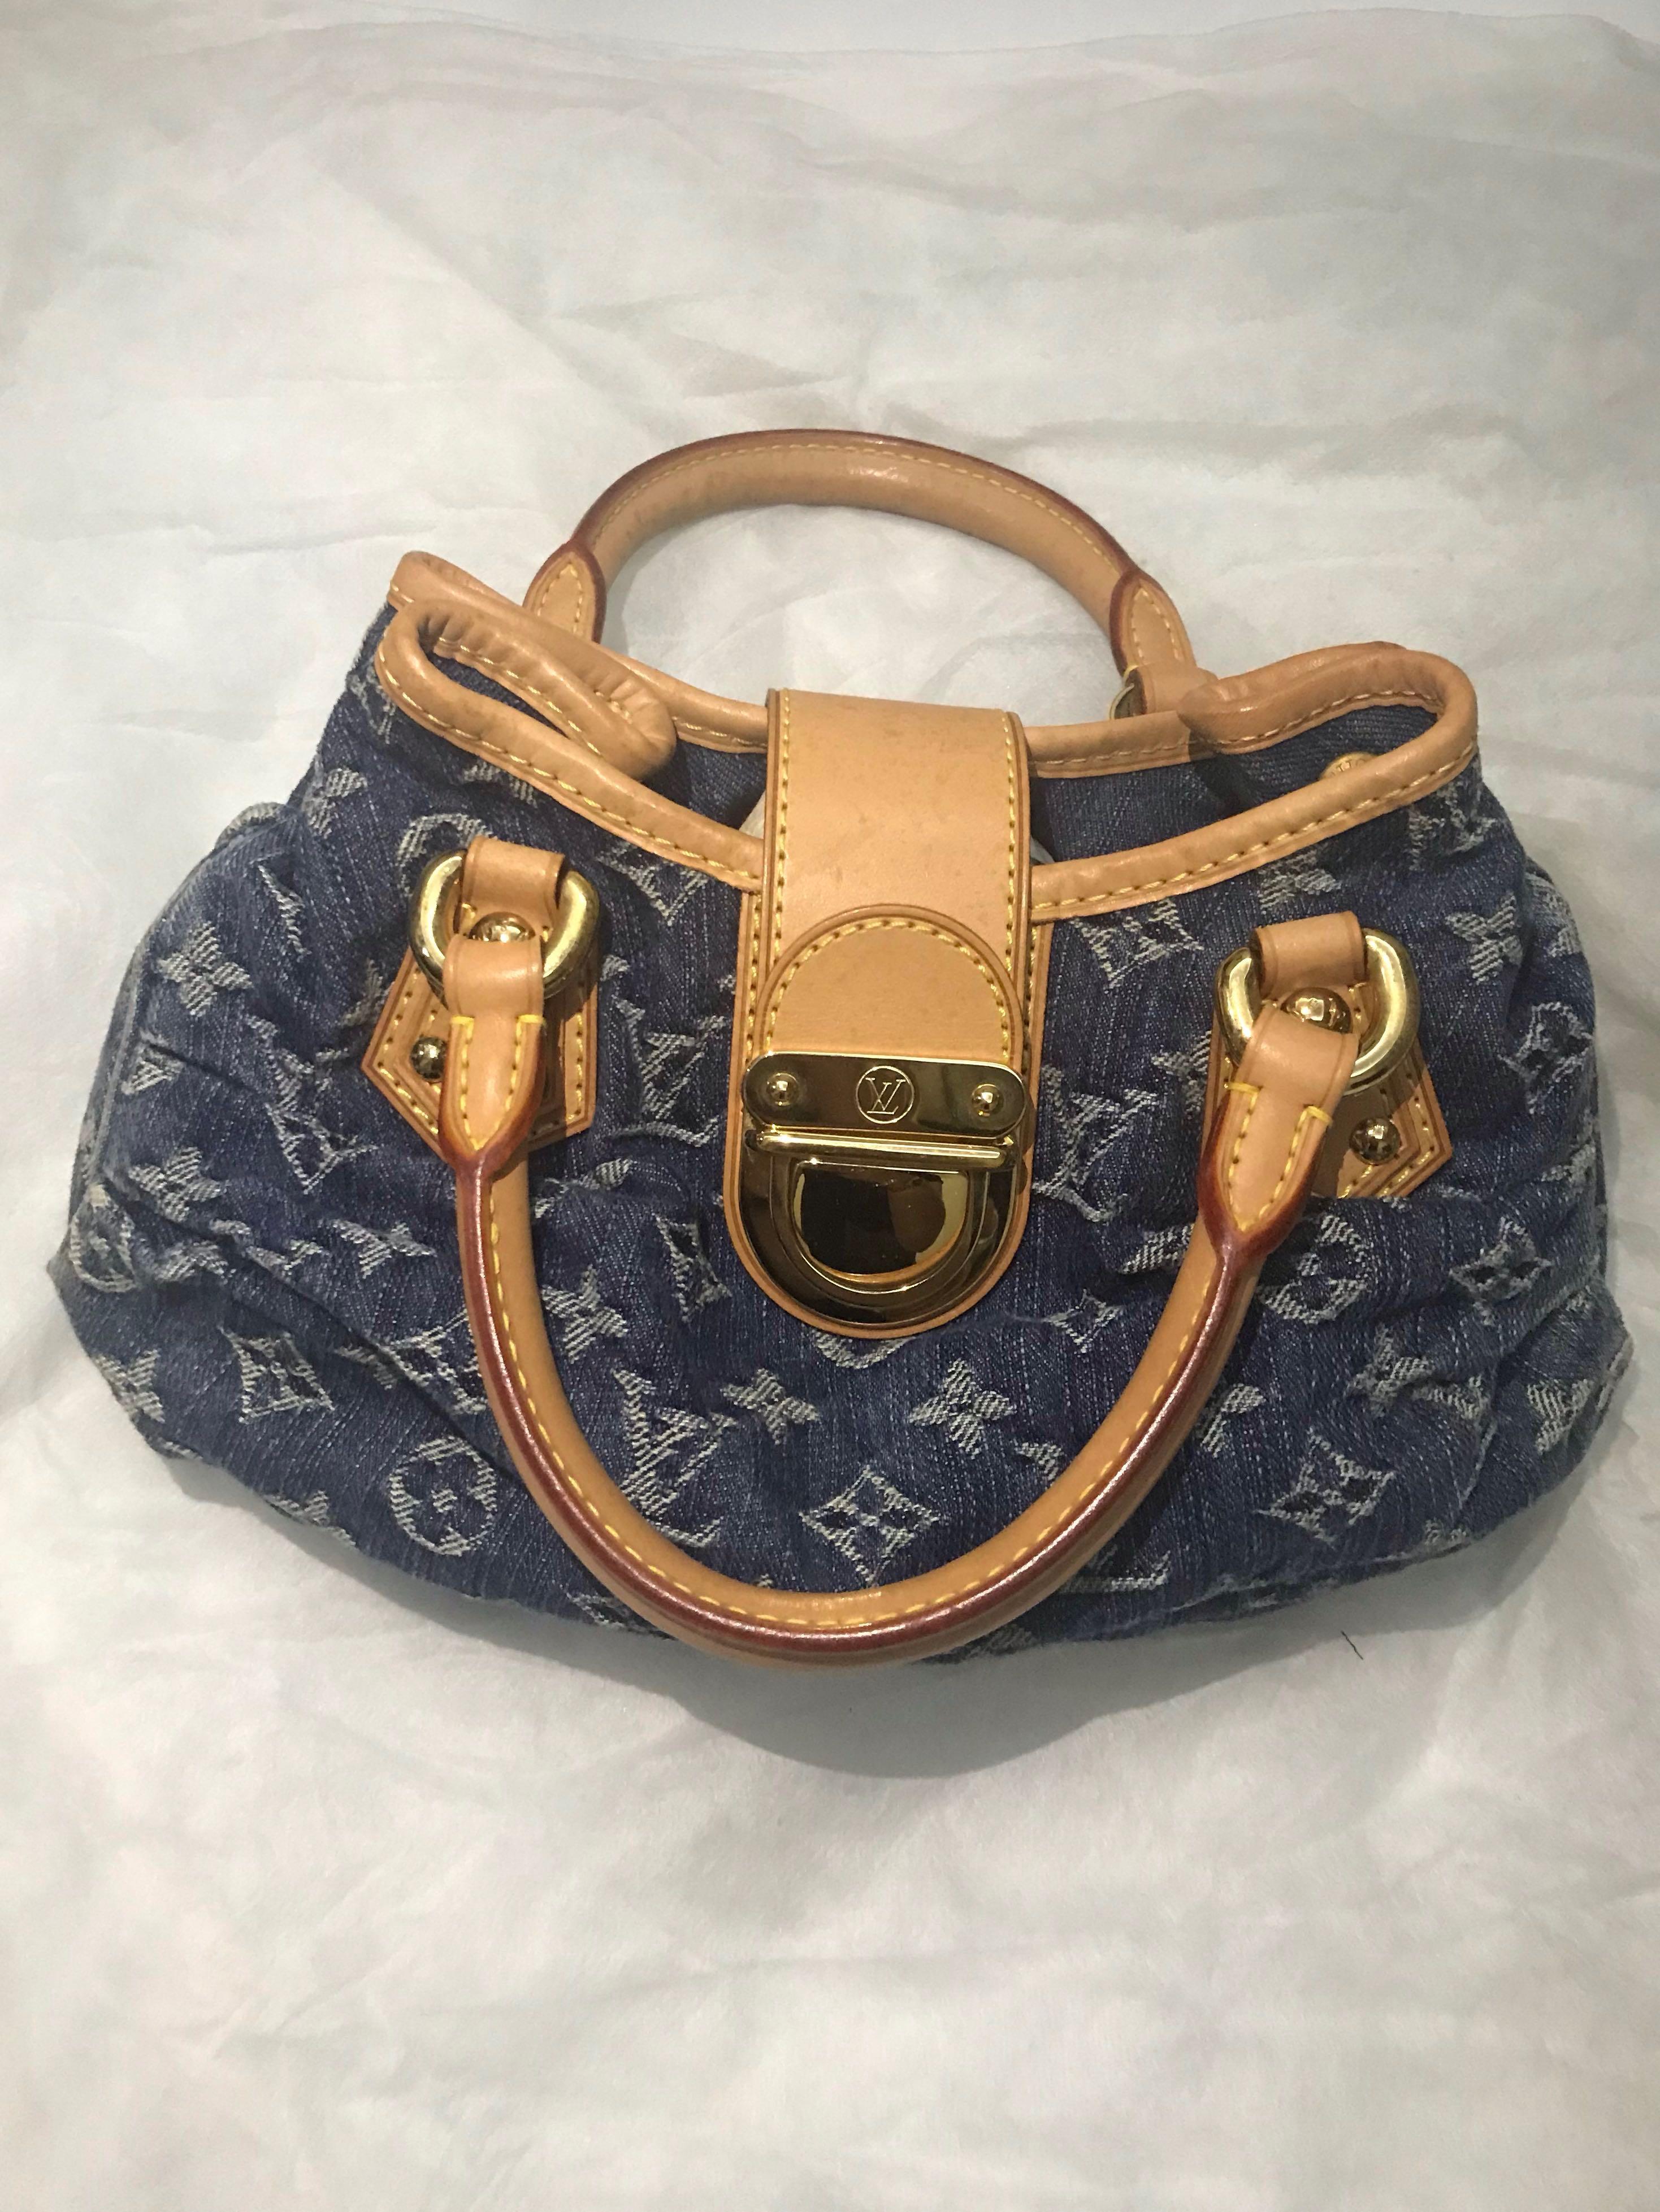 d42464a49a36 LV Small Bag  320